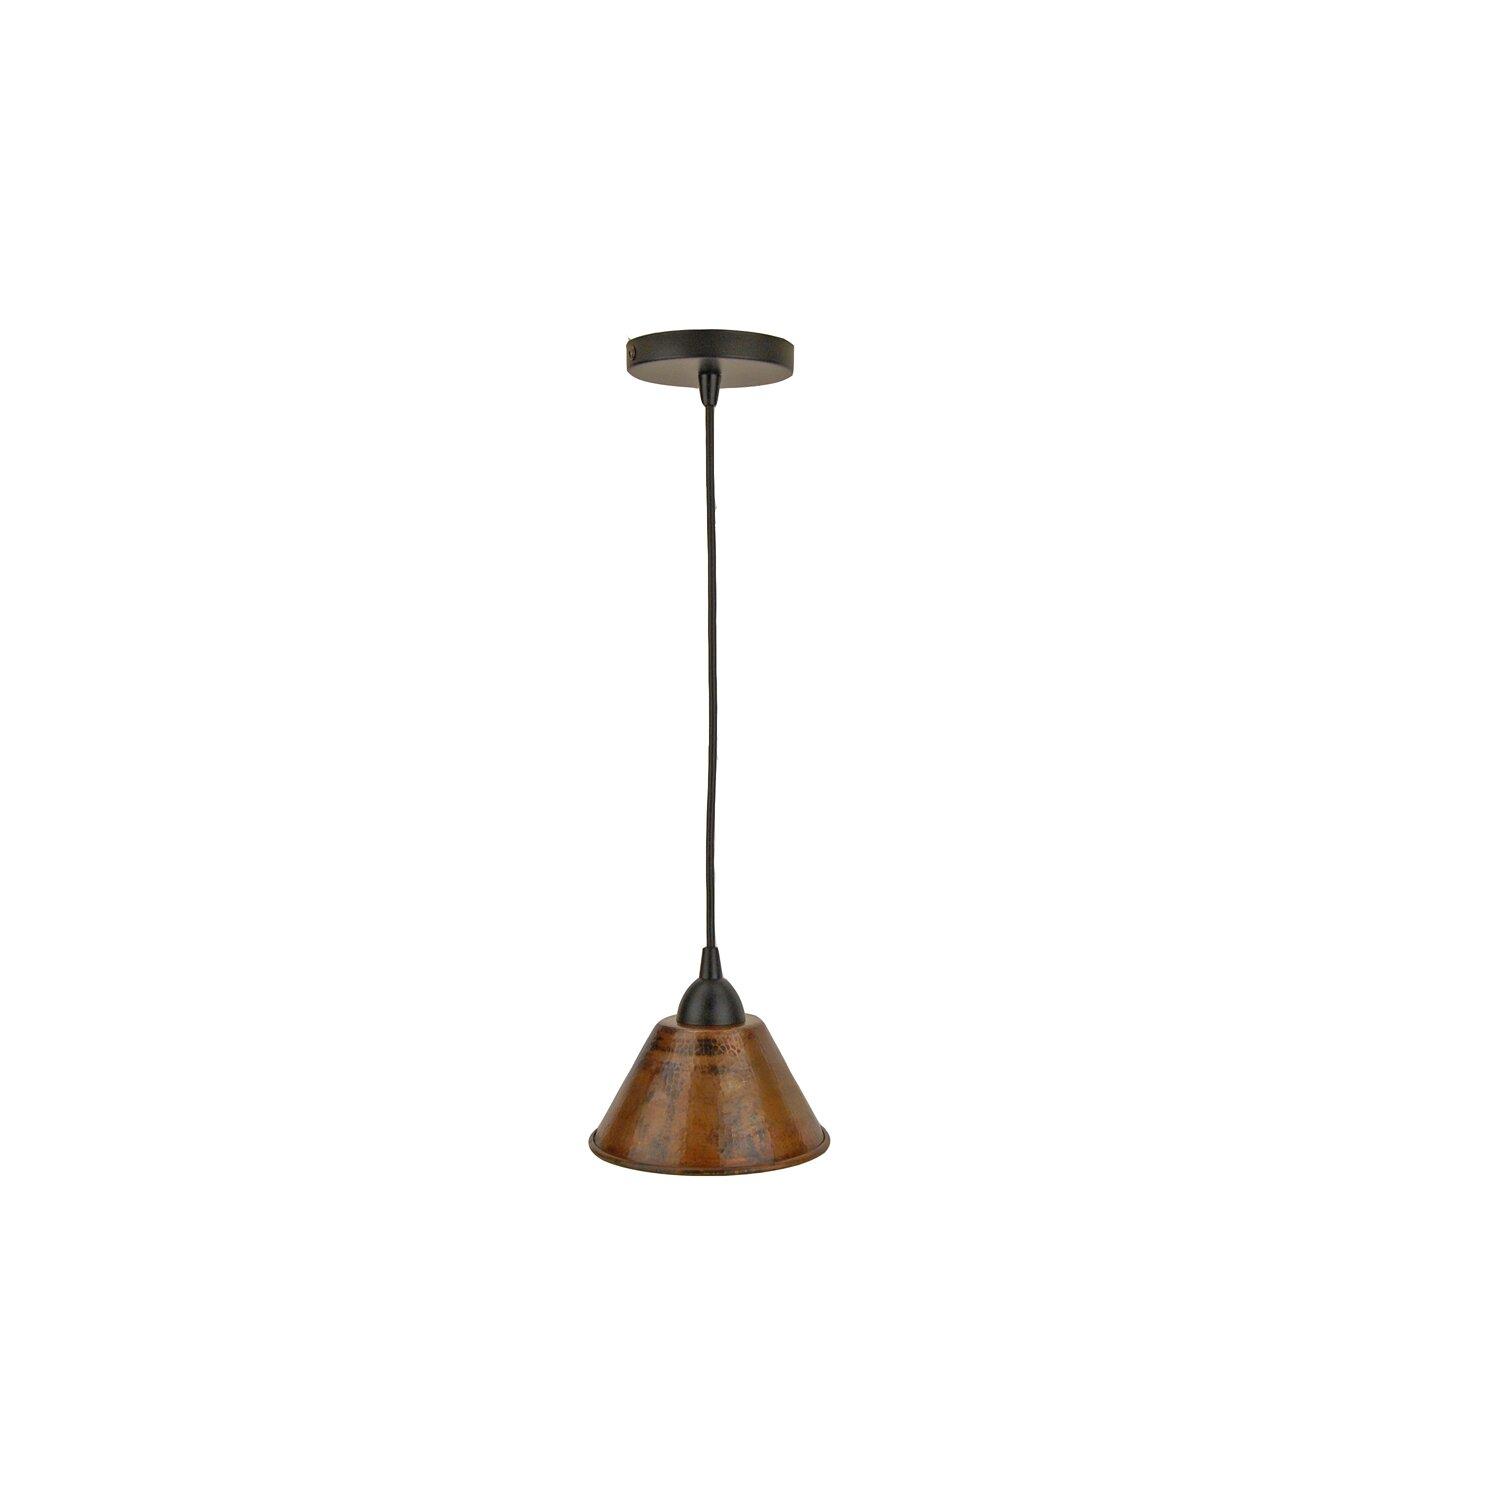 Premier Copper Products 1 Light Pendant Reviews Wayfair